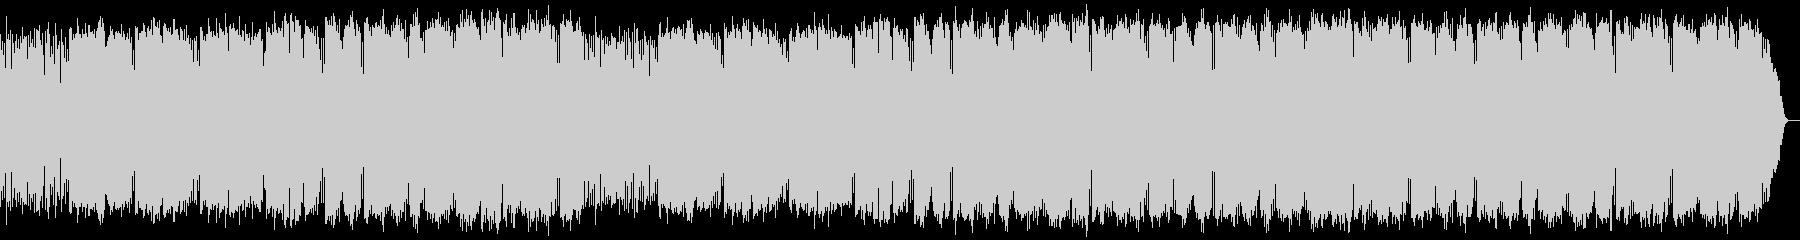 アコギで刻むリズムの中語る様なSAX演奏の未再生の波形